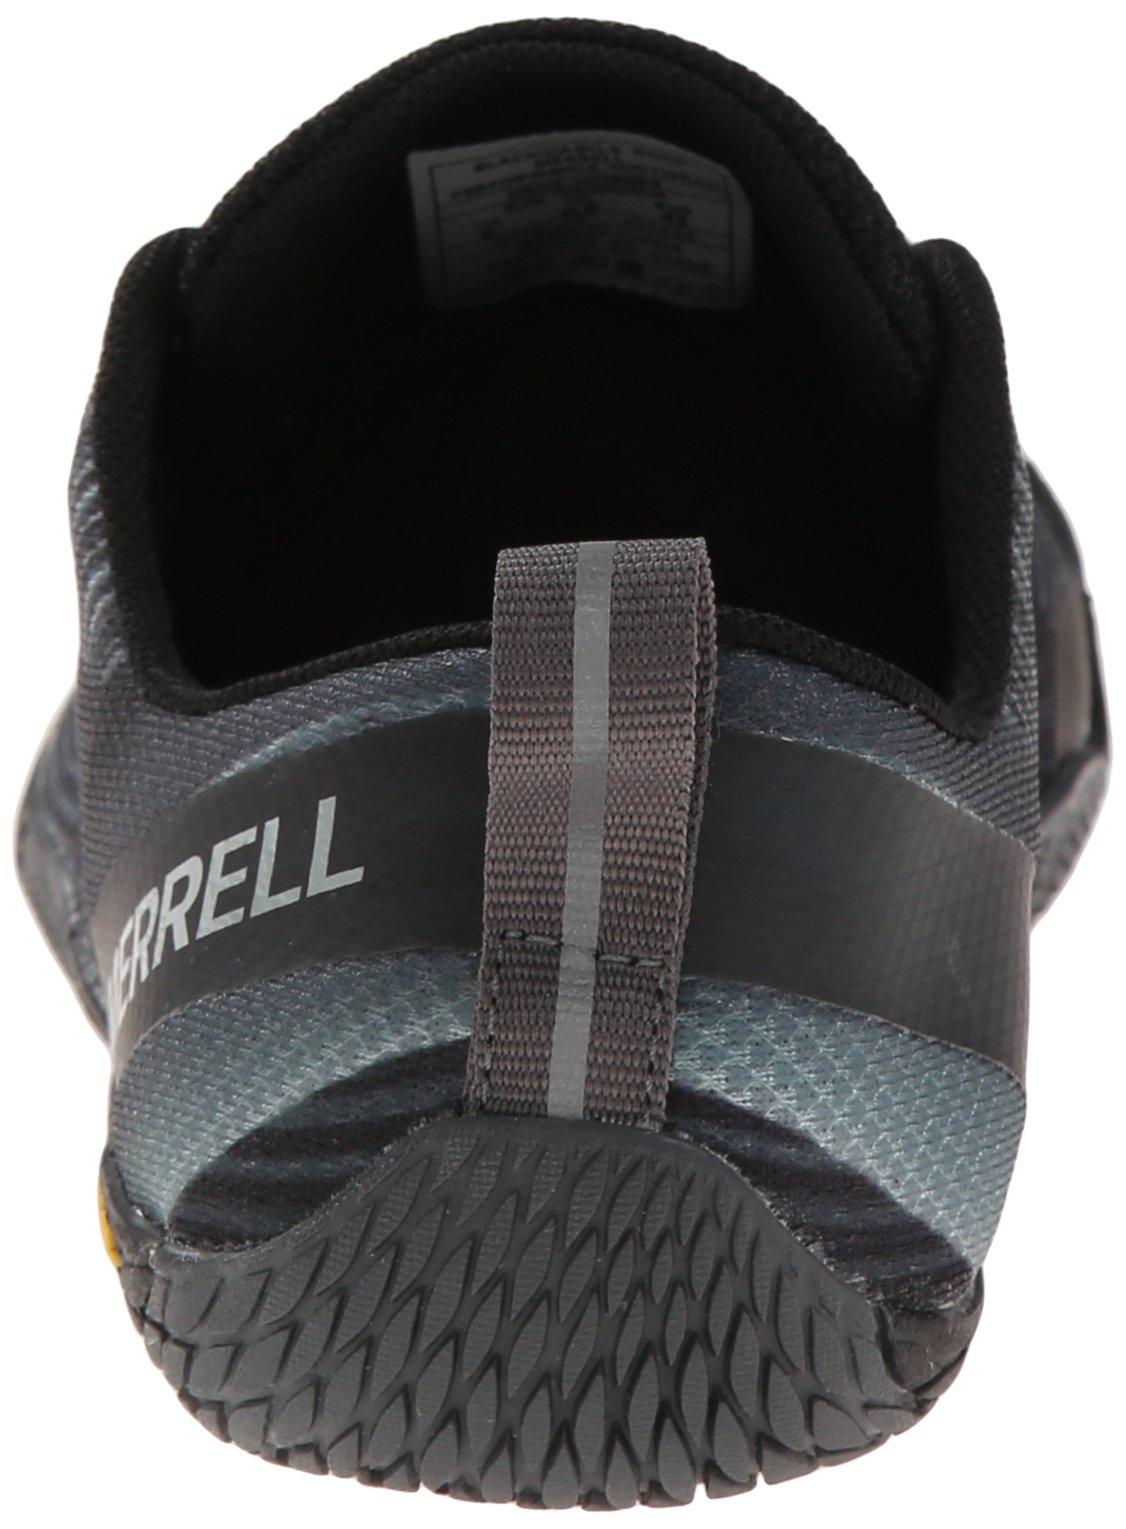 Merrell Vapor Glove 2 Men 8.5 Black/Castle Rock by Merrell (Image #2)